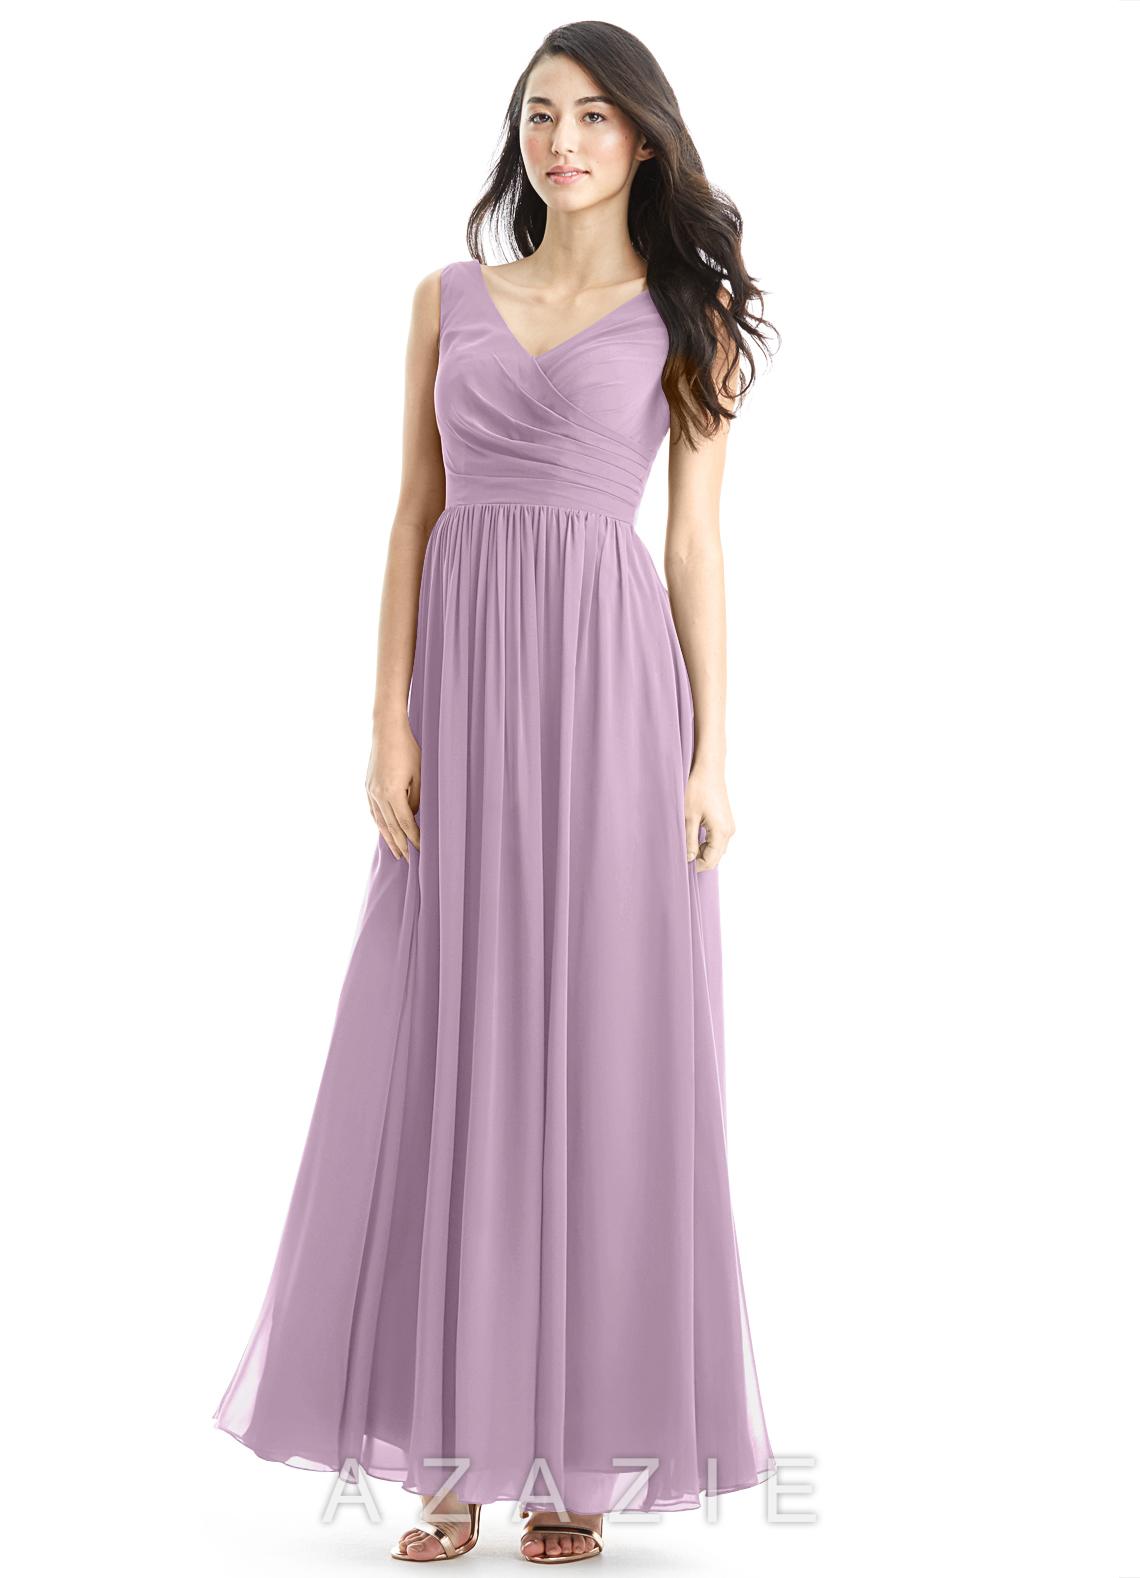 Wisteria color dresses